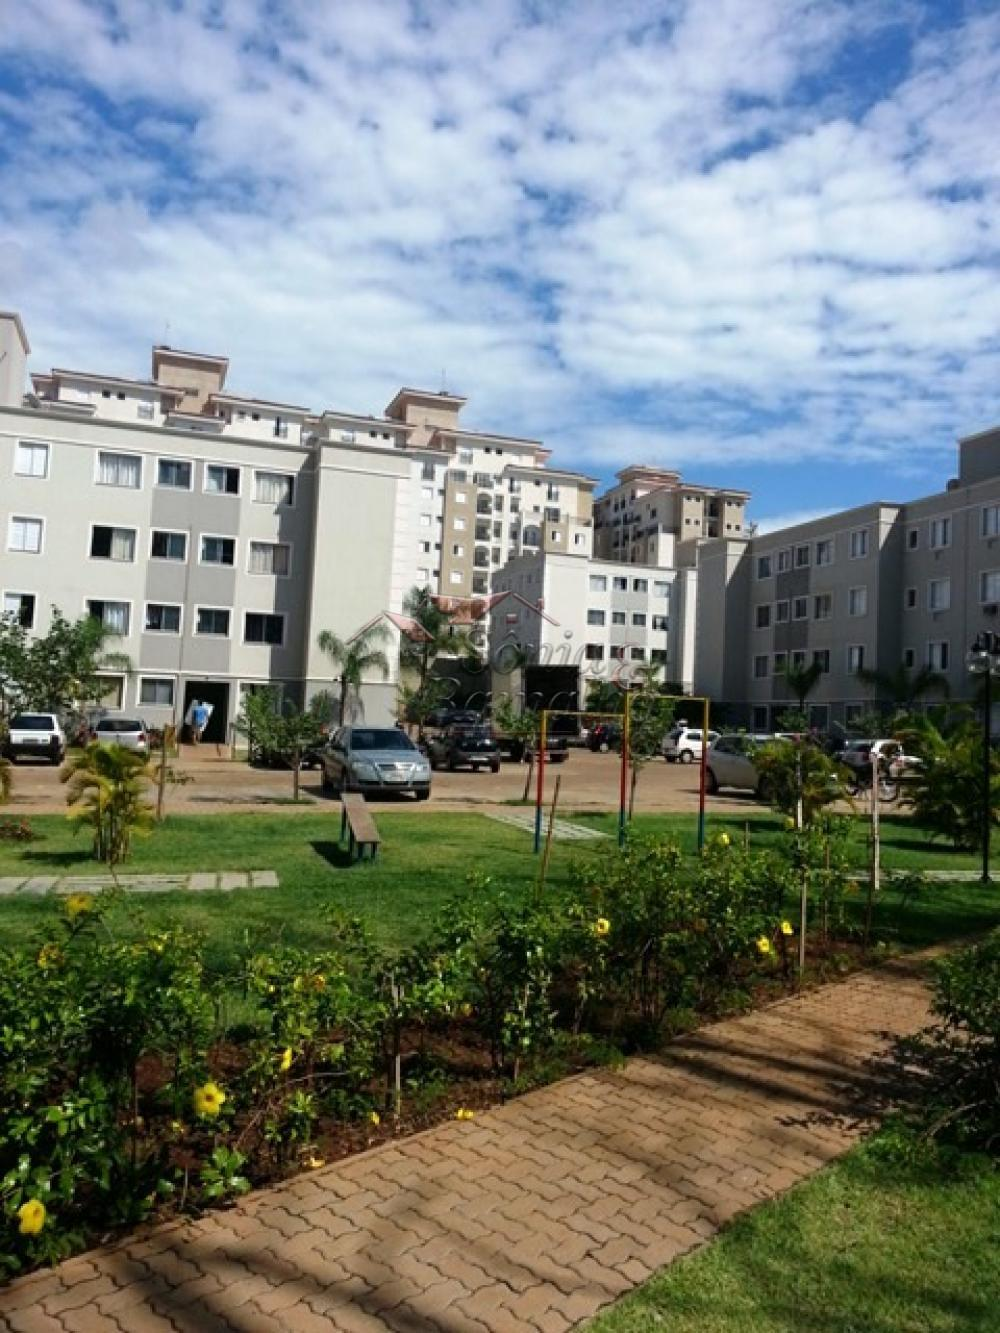 Comprar Apartamentos / Padrão em Ribeirão Preto apenas R$ 175.000,00 - Foto 21